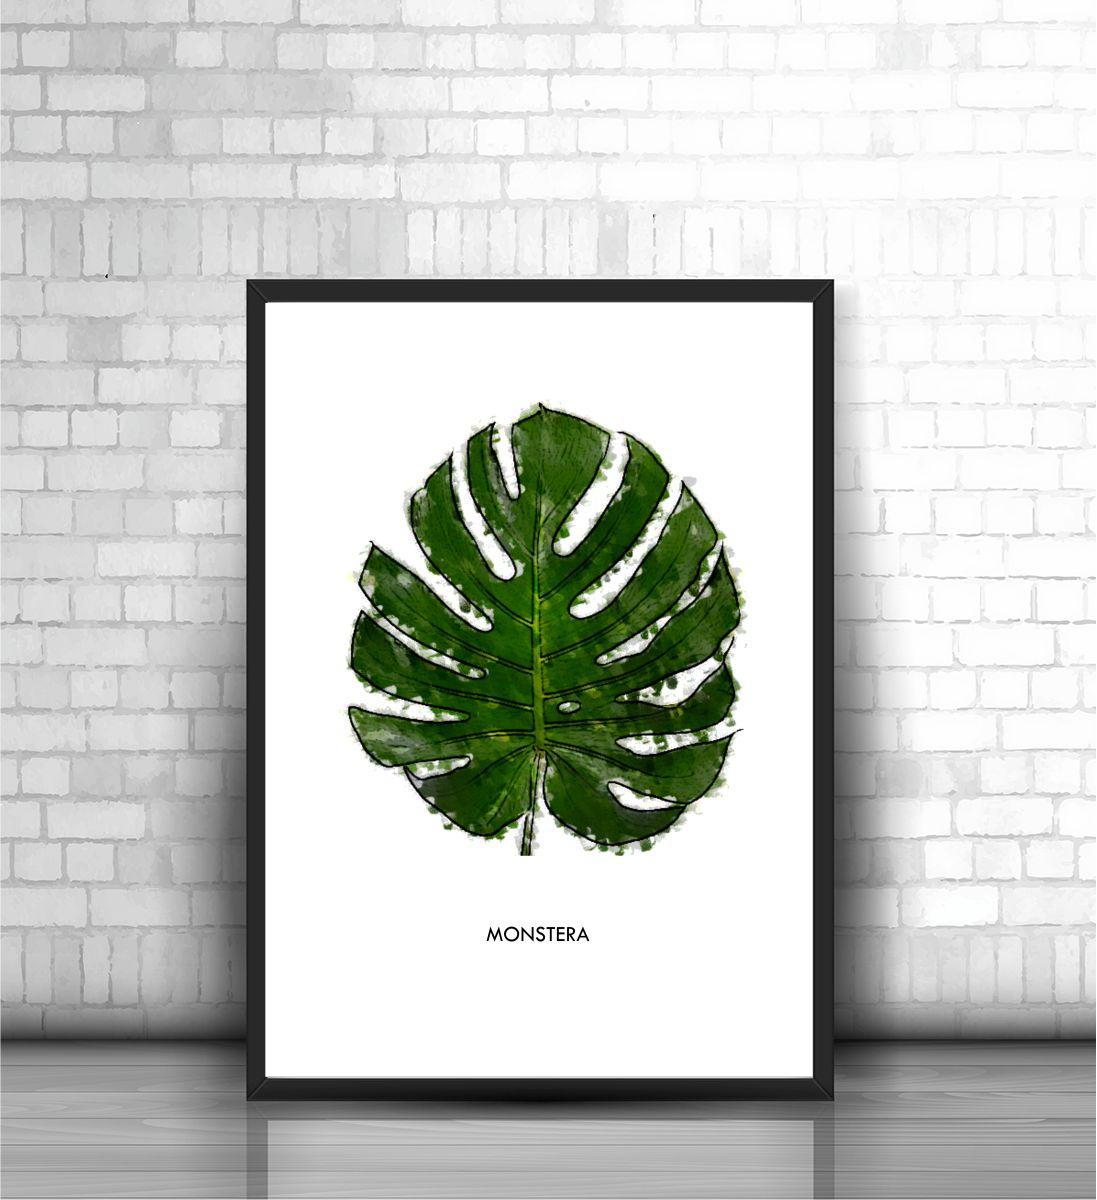 Plakaty Do Wydruku Rośliny Alegormacom